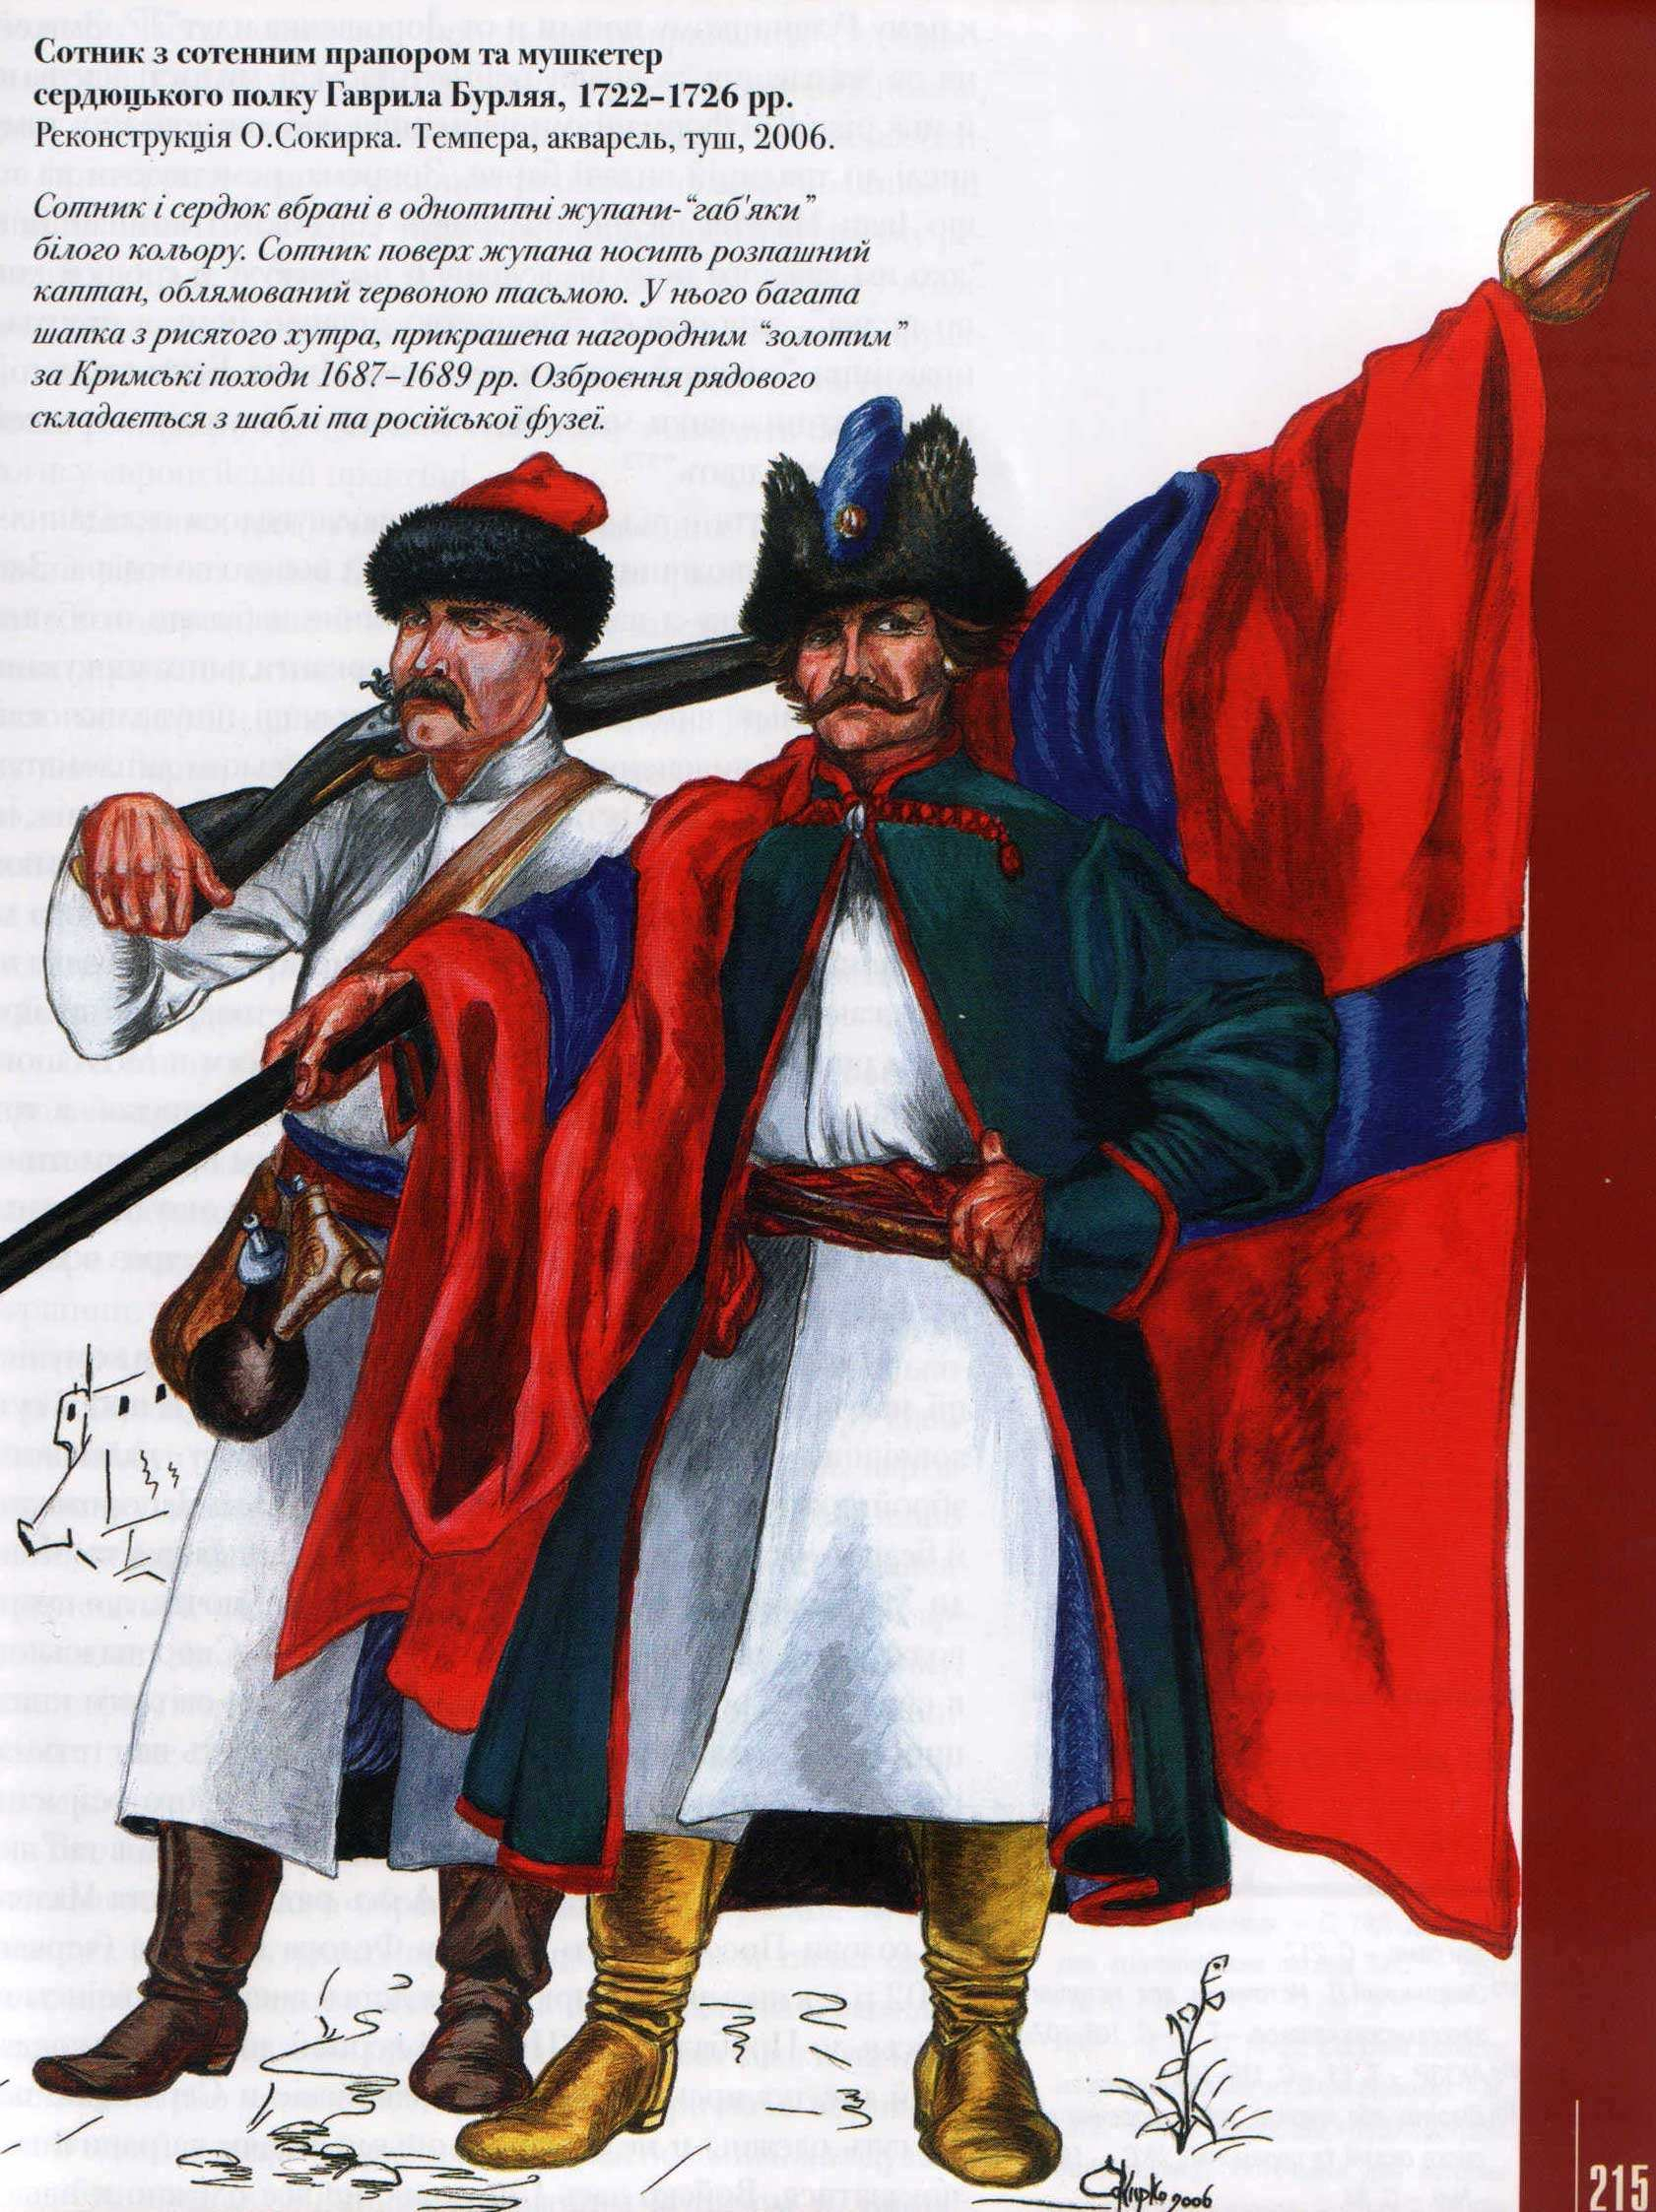 Козак - Сотник з сотенним прапором